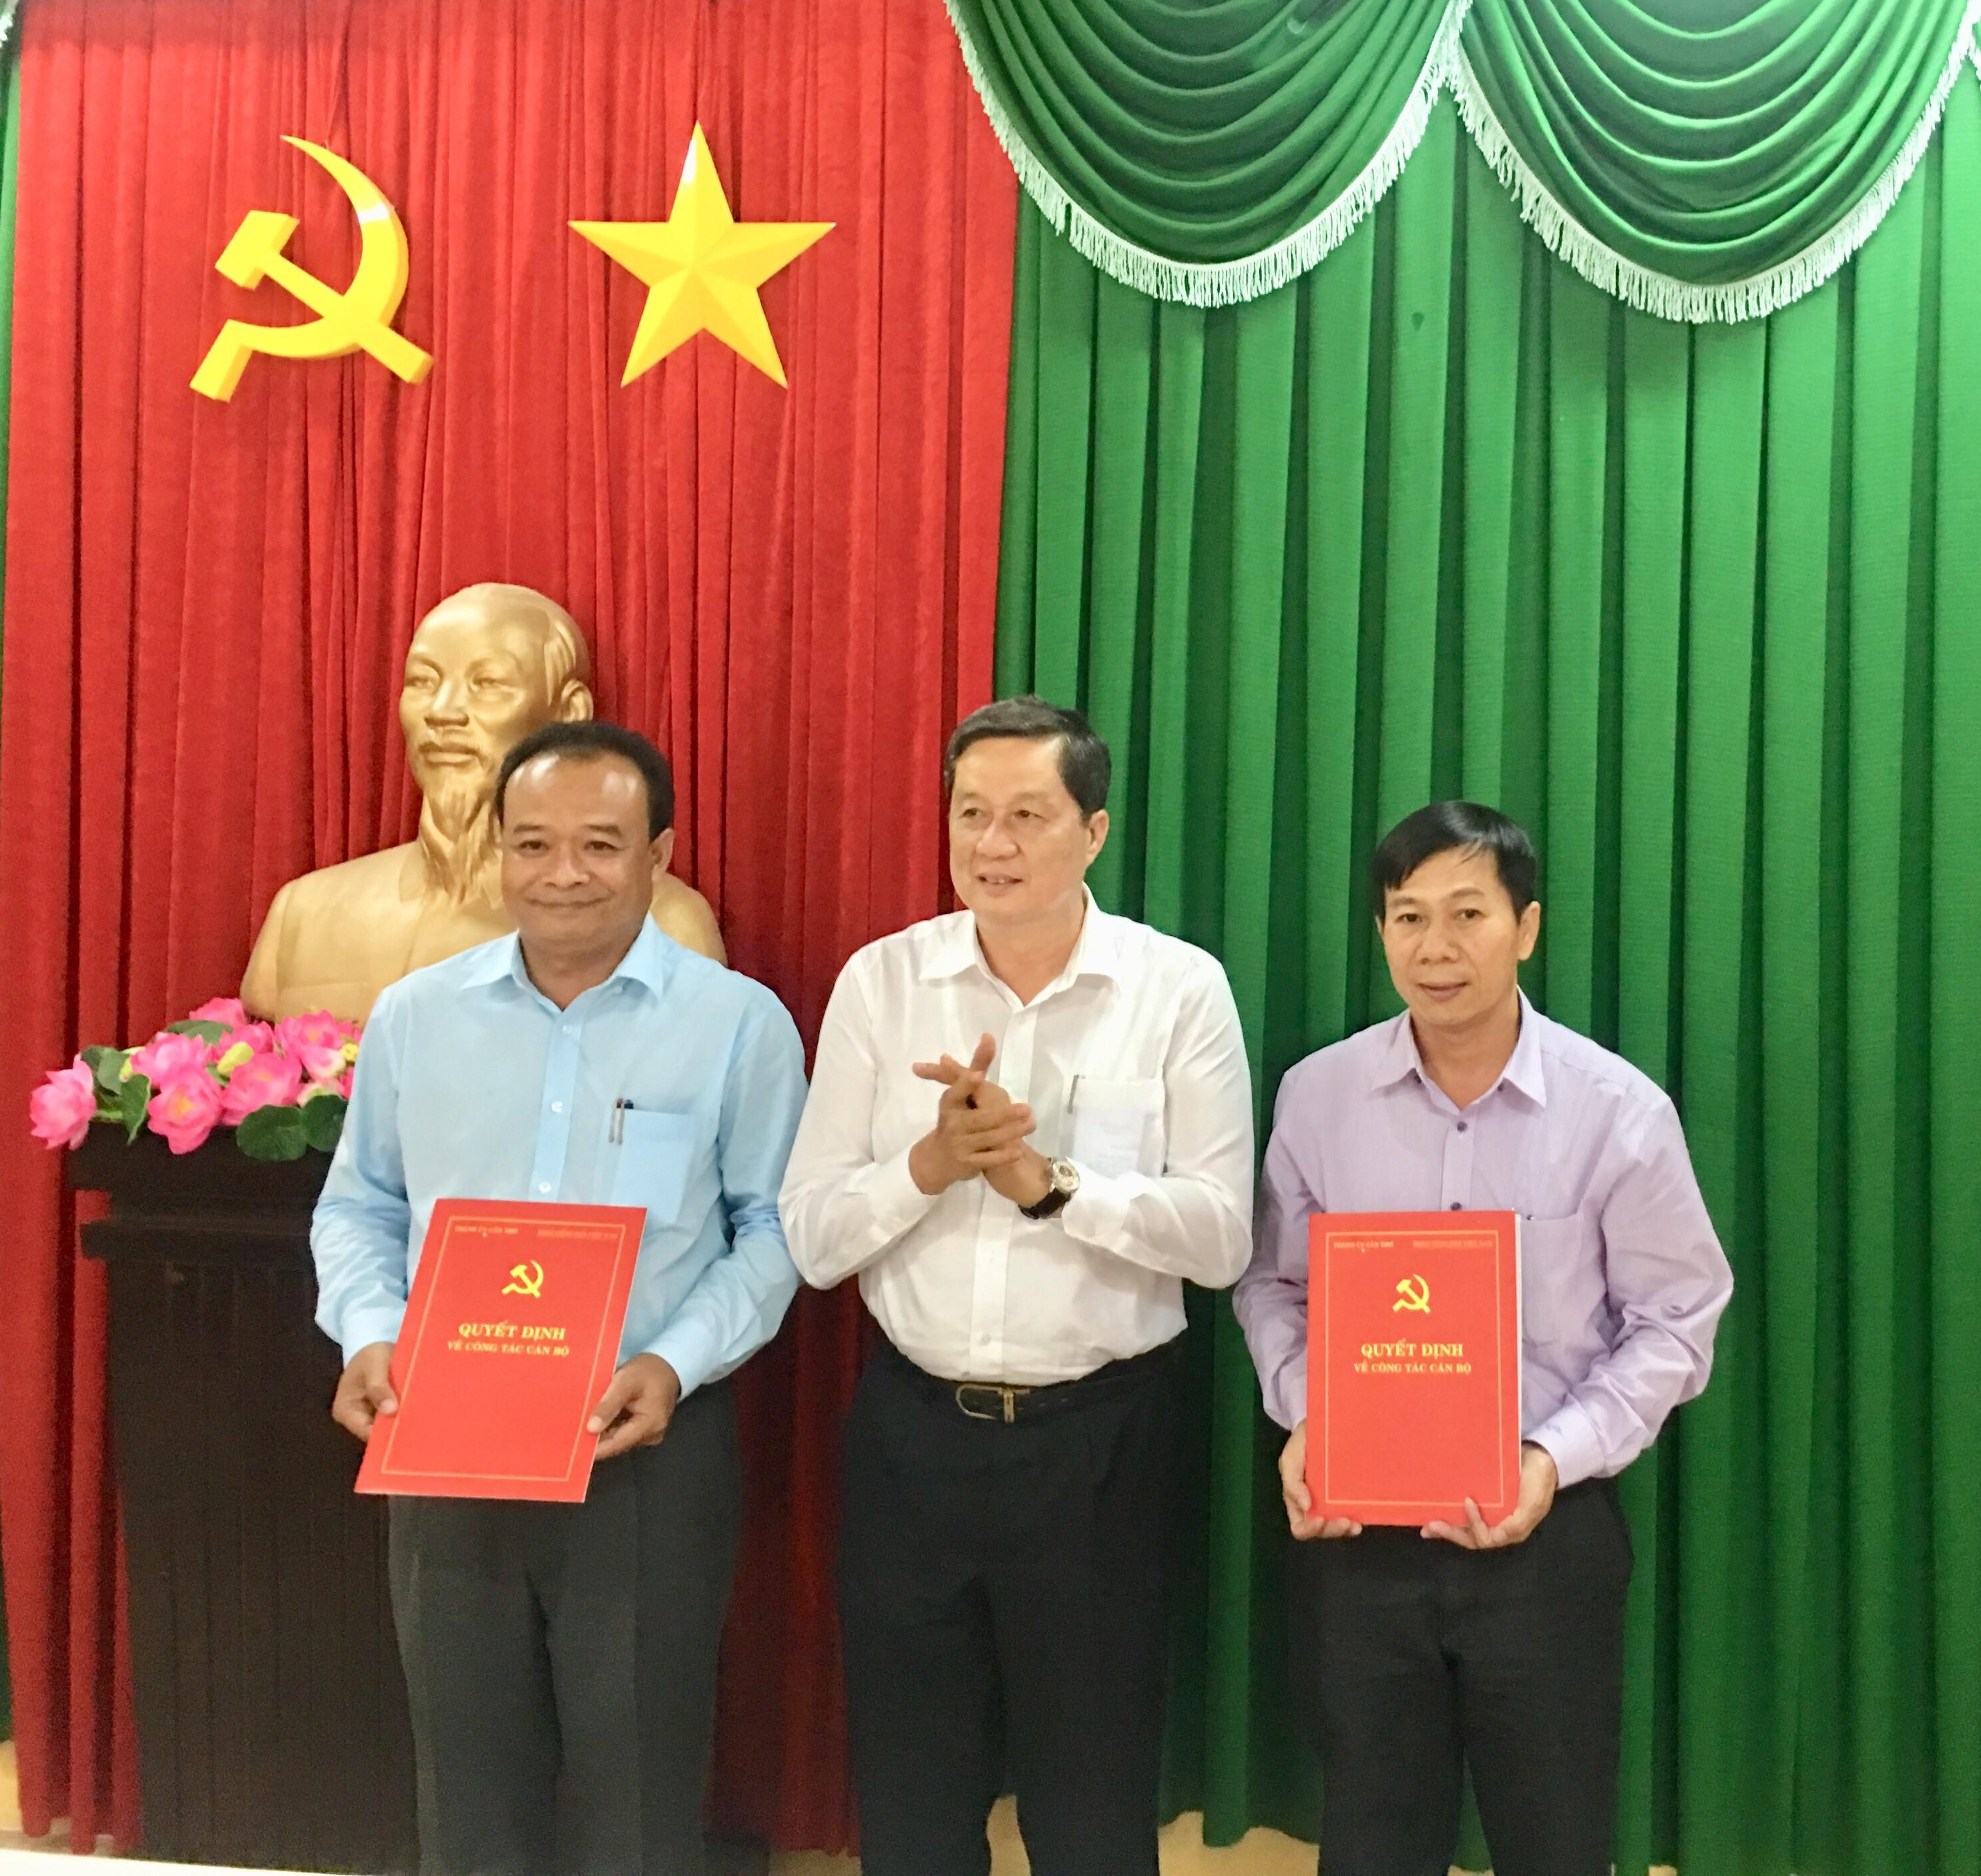 Trao quyết định bổ nhiệm ông Nguyễn Ngọc Tâm làm Chủ tịch Ủy ban MTTQ Việt Nam TP Cần Thơ - Hình 1